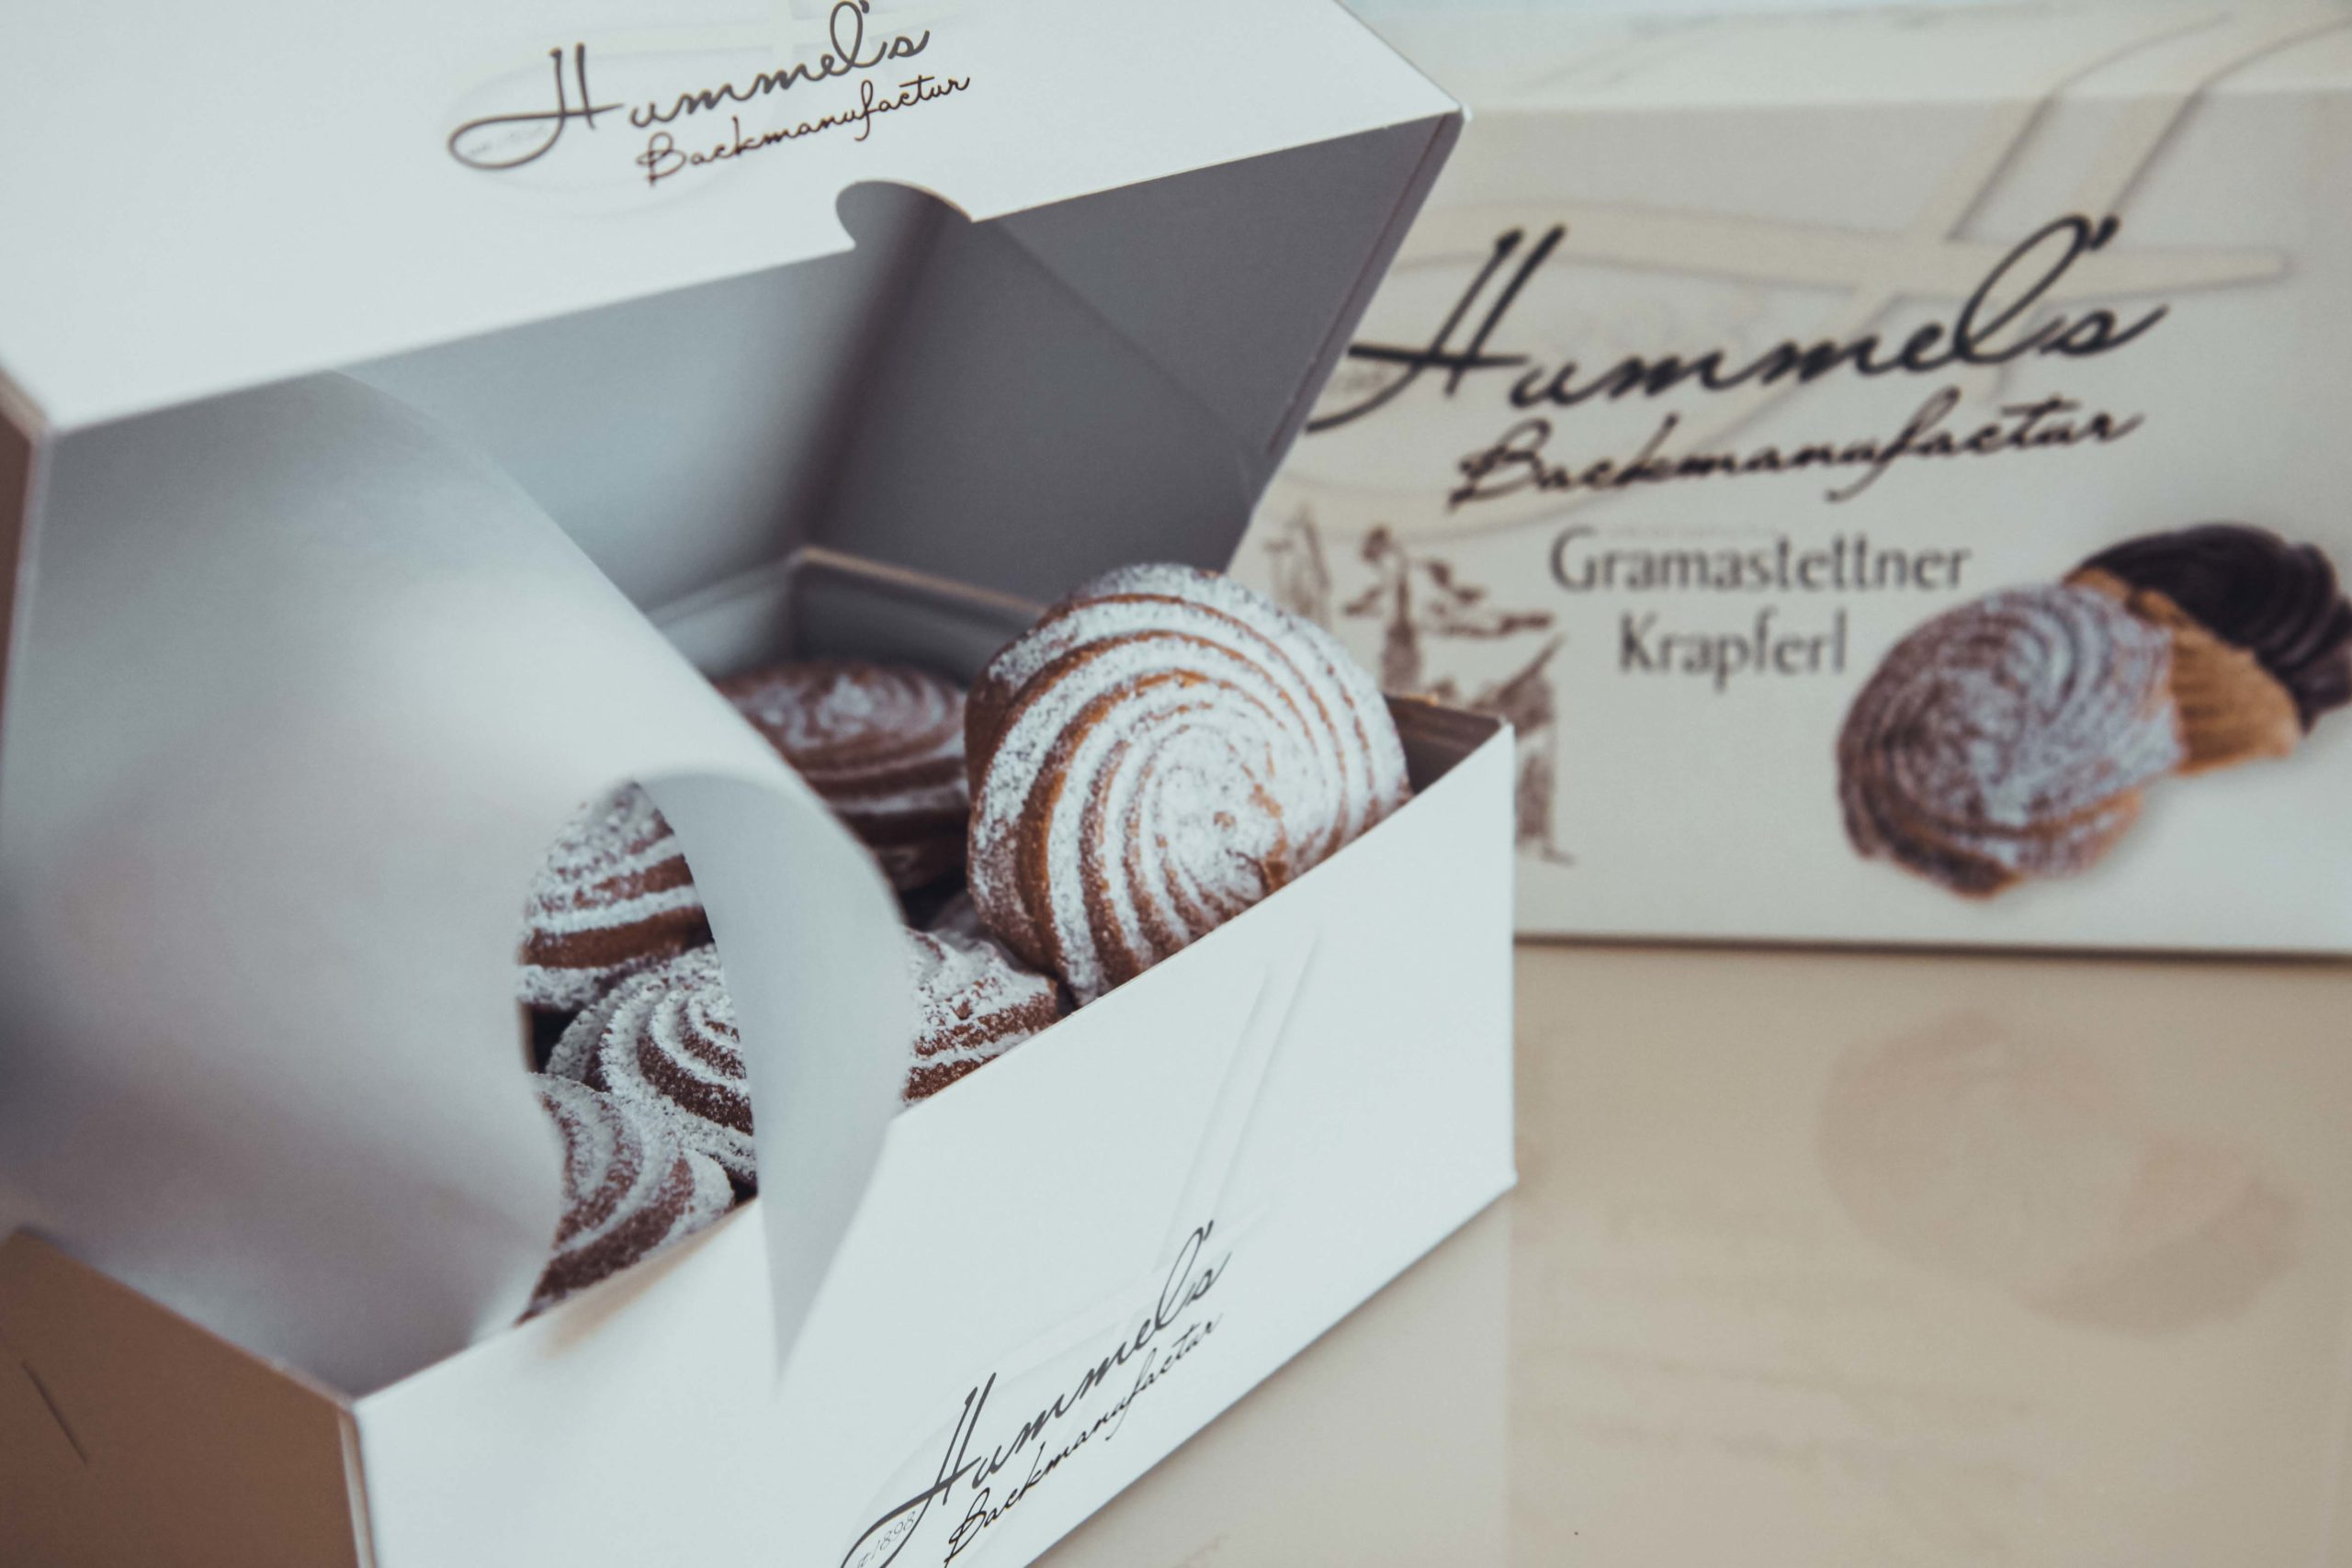 Hummel's Original Gramastettner Krapferl